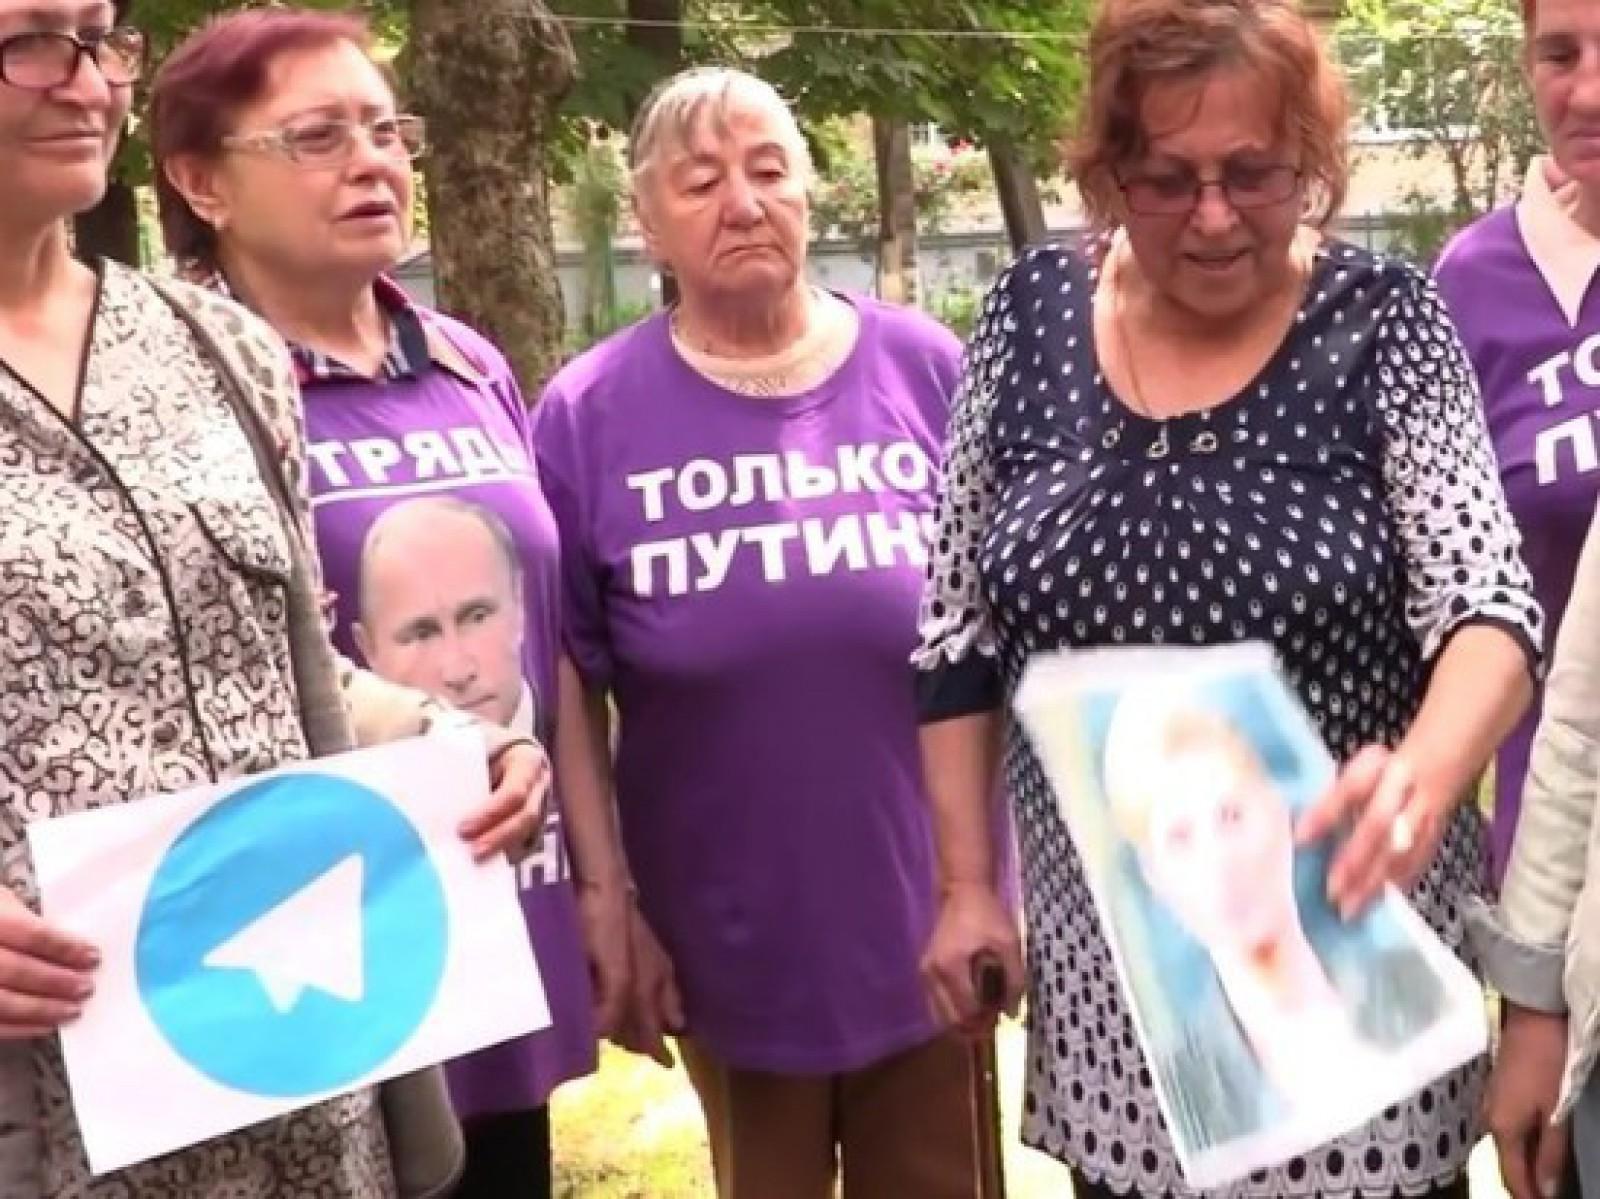 """(video) Un nou protest de la mișcarea """"Echipa lui Putin"""": Au îngropat pozele lui Trump, Durov și Navalinîi"""